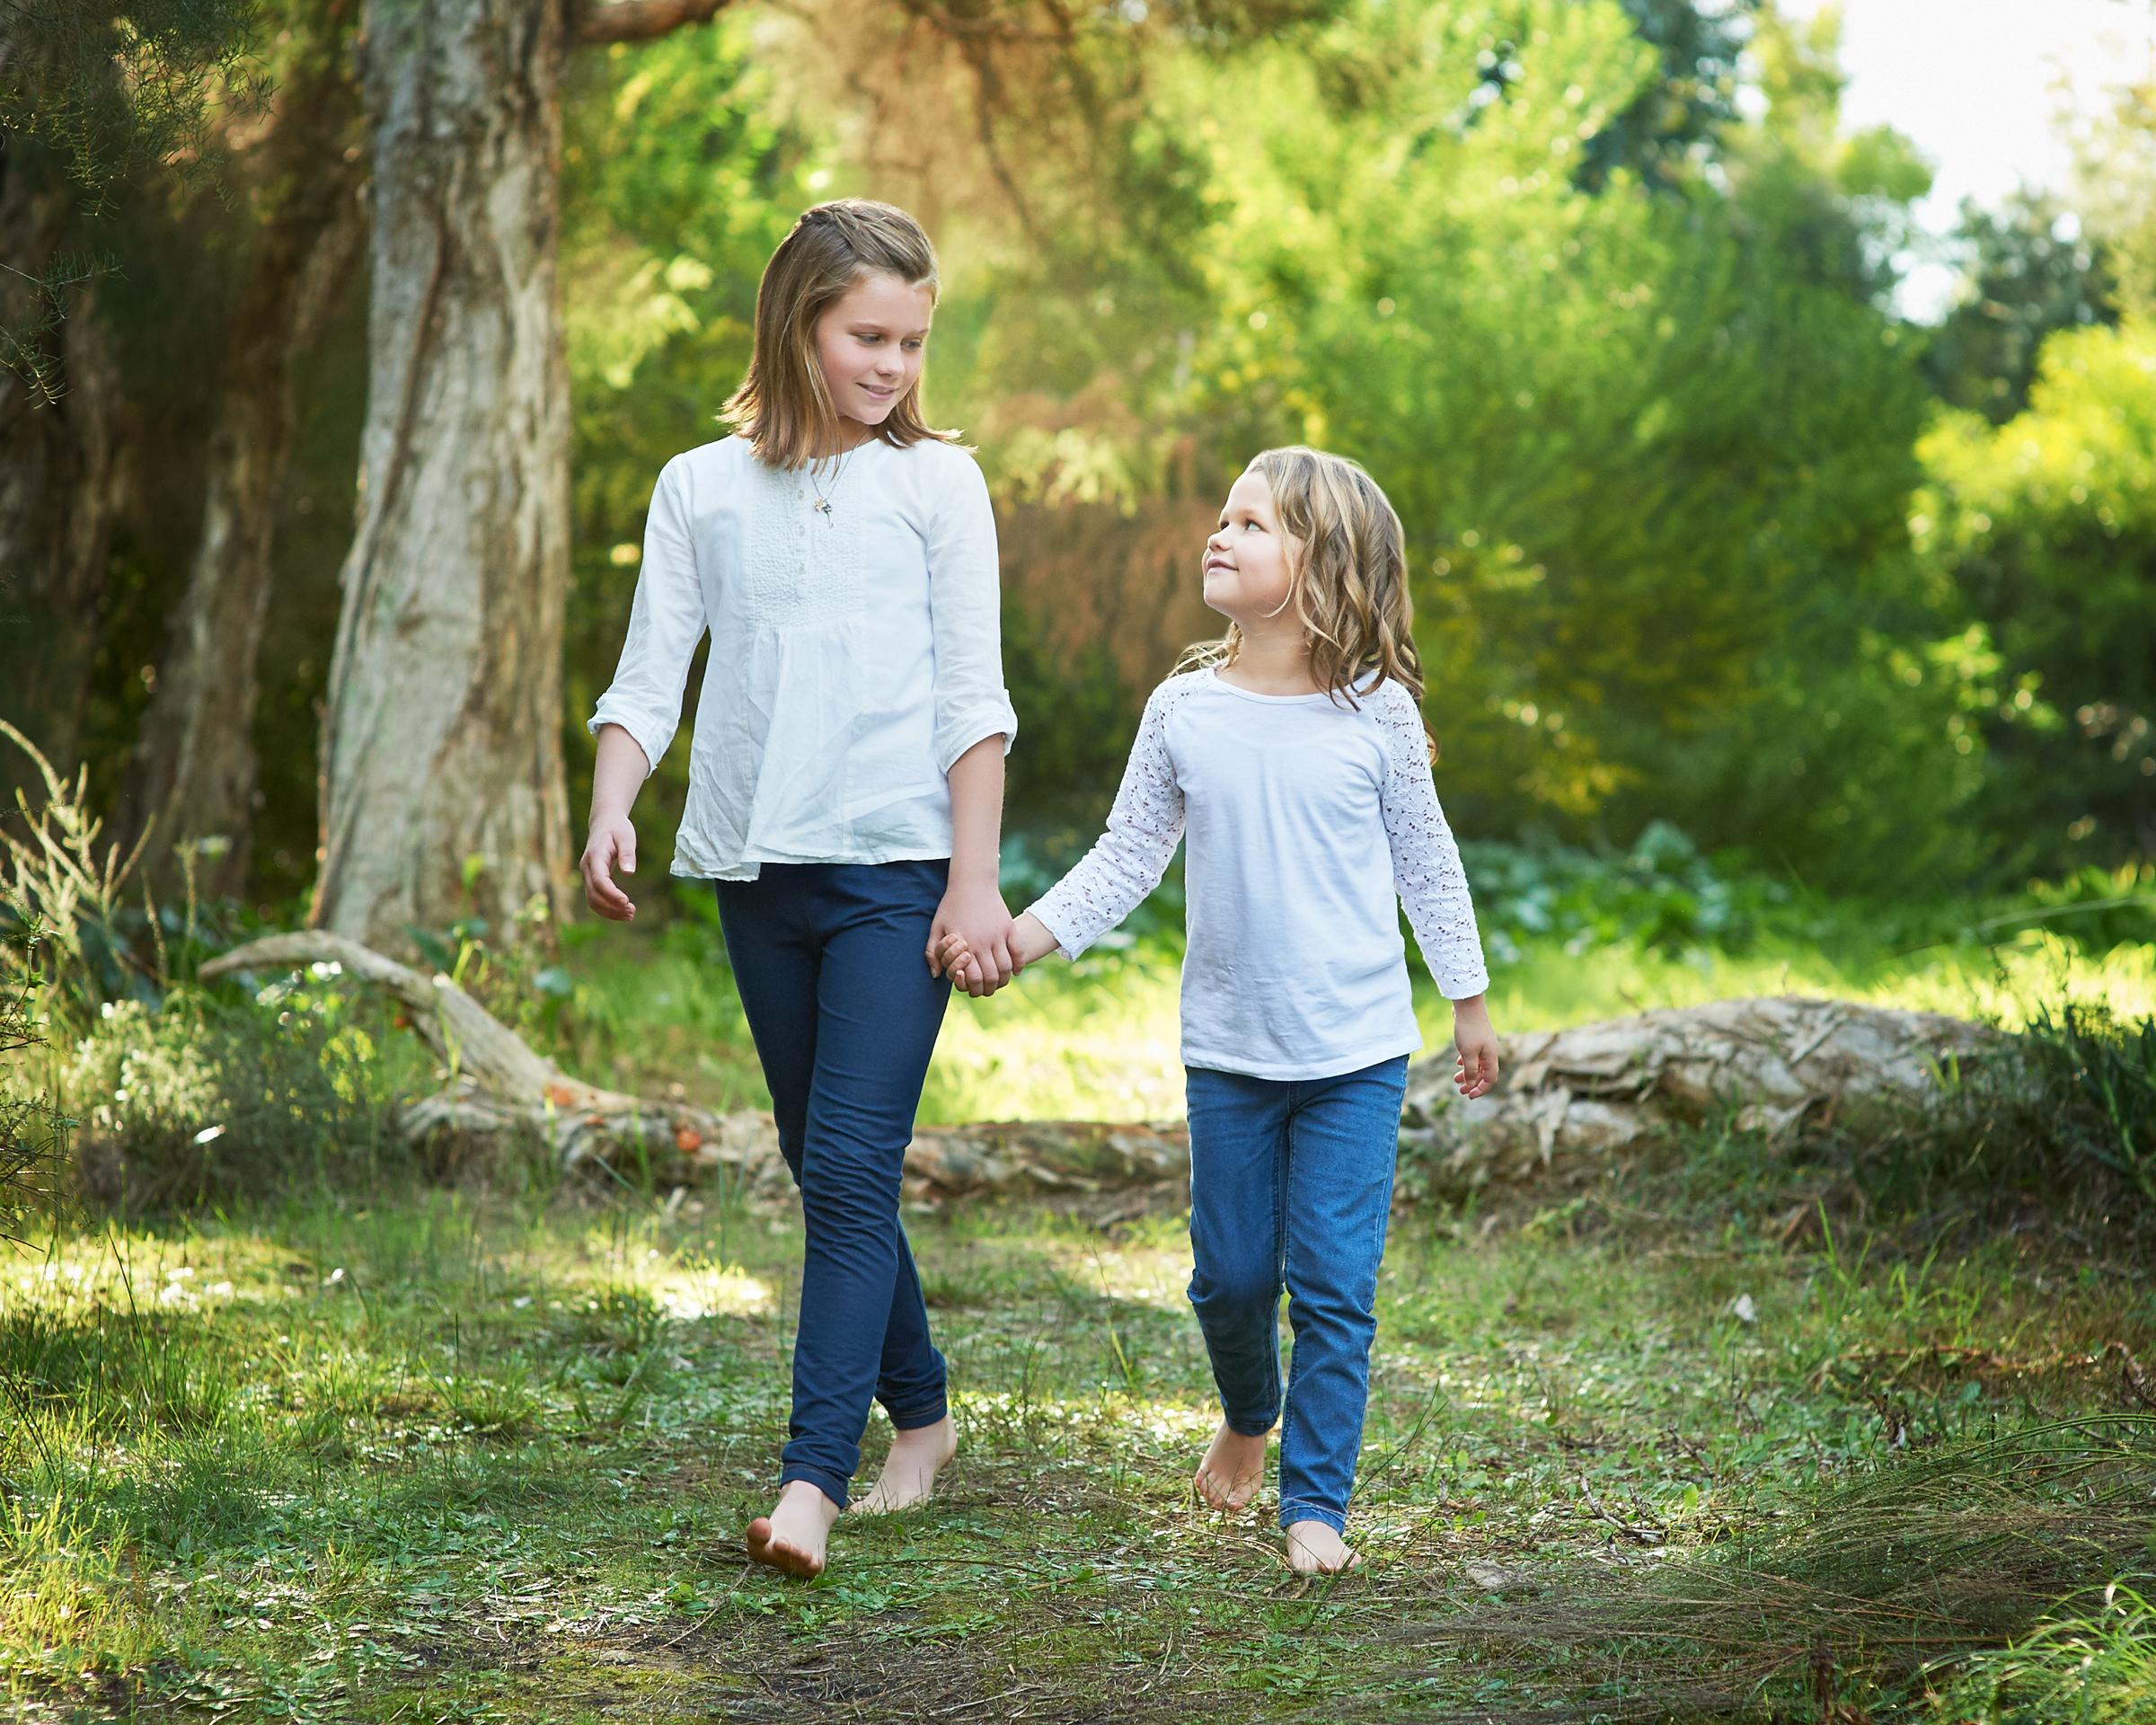 outdoor sister photos